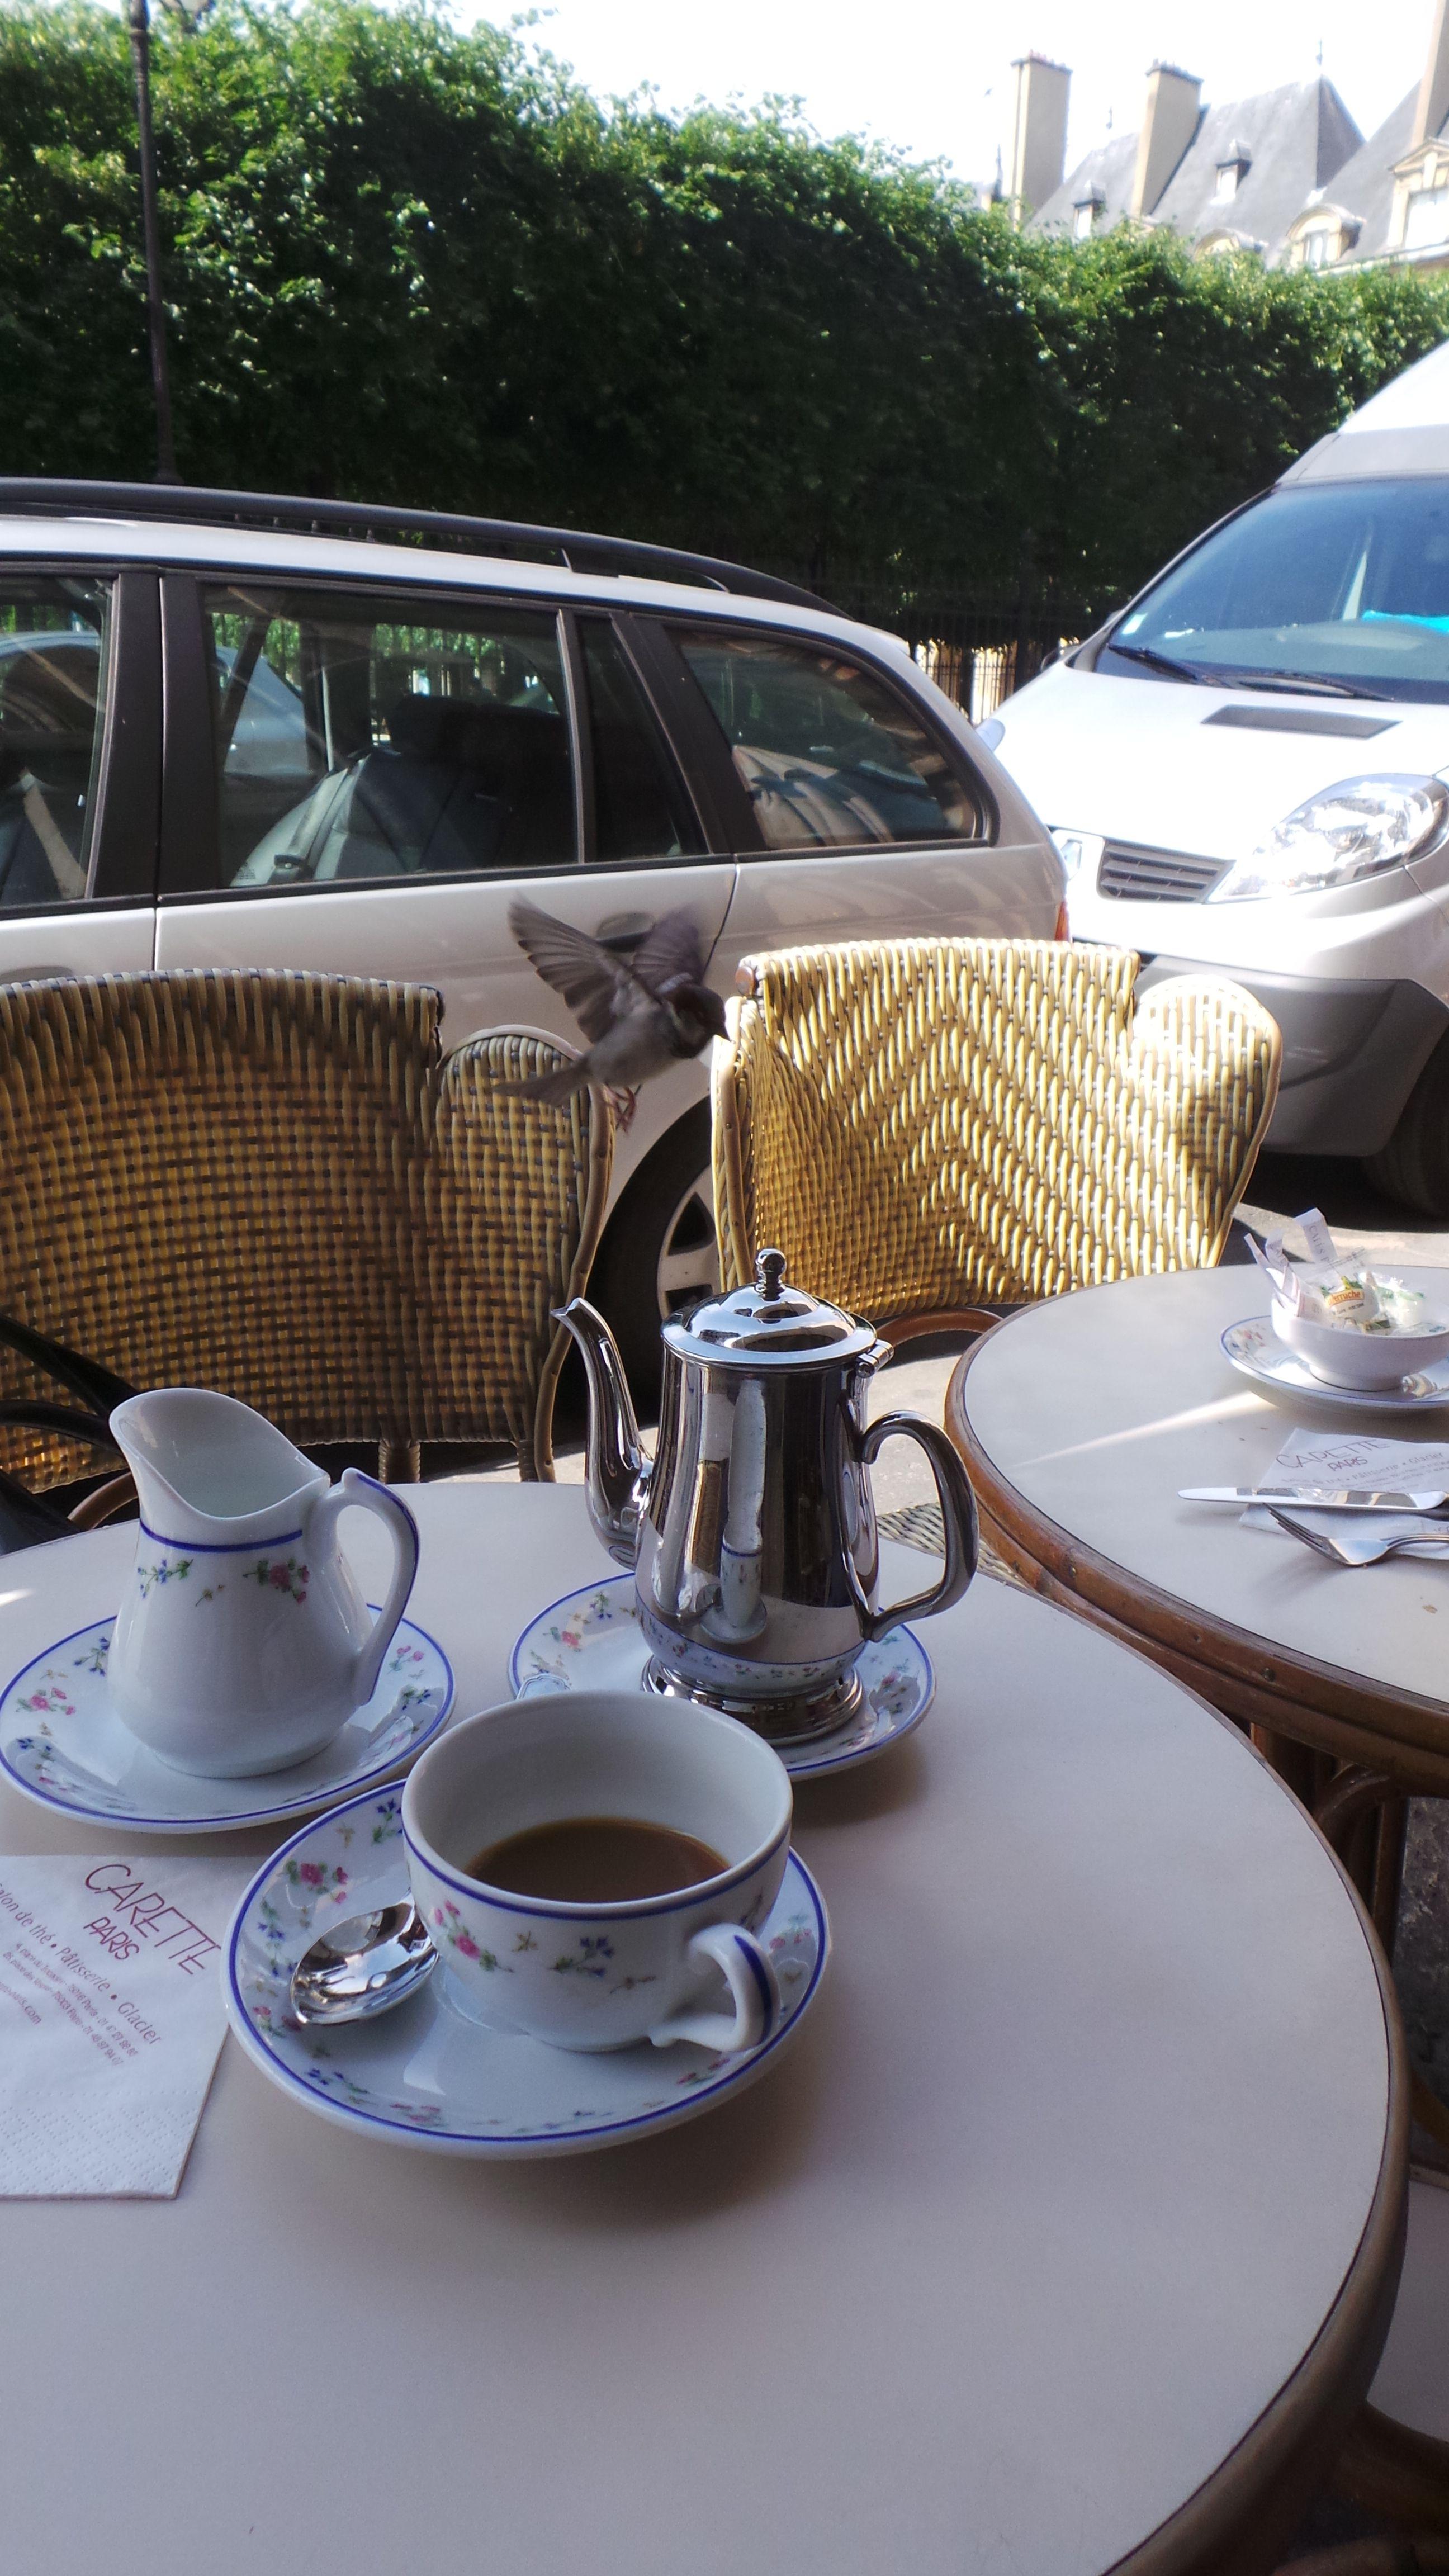 New friend from la Place des Vosges in #Marais by #Delicious_paris